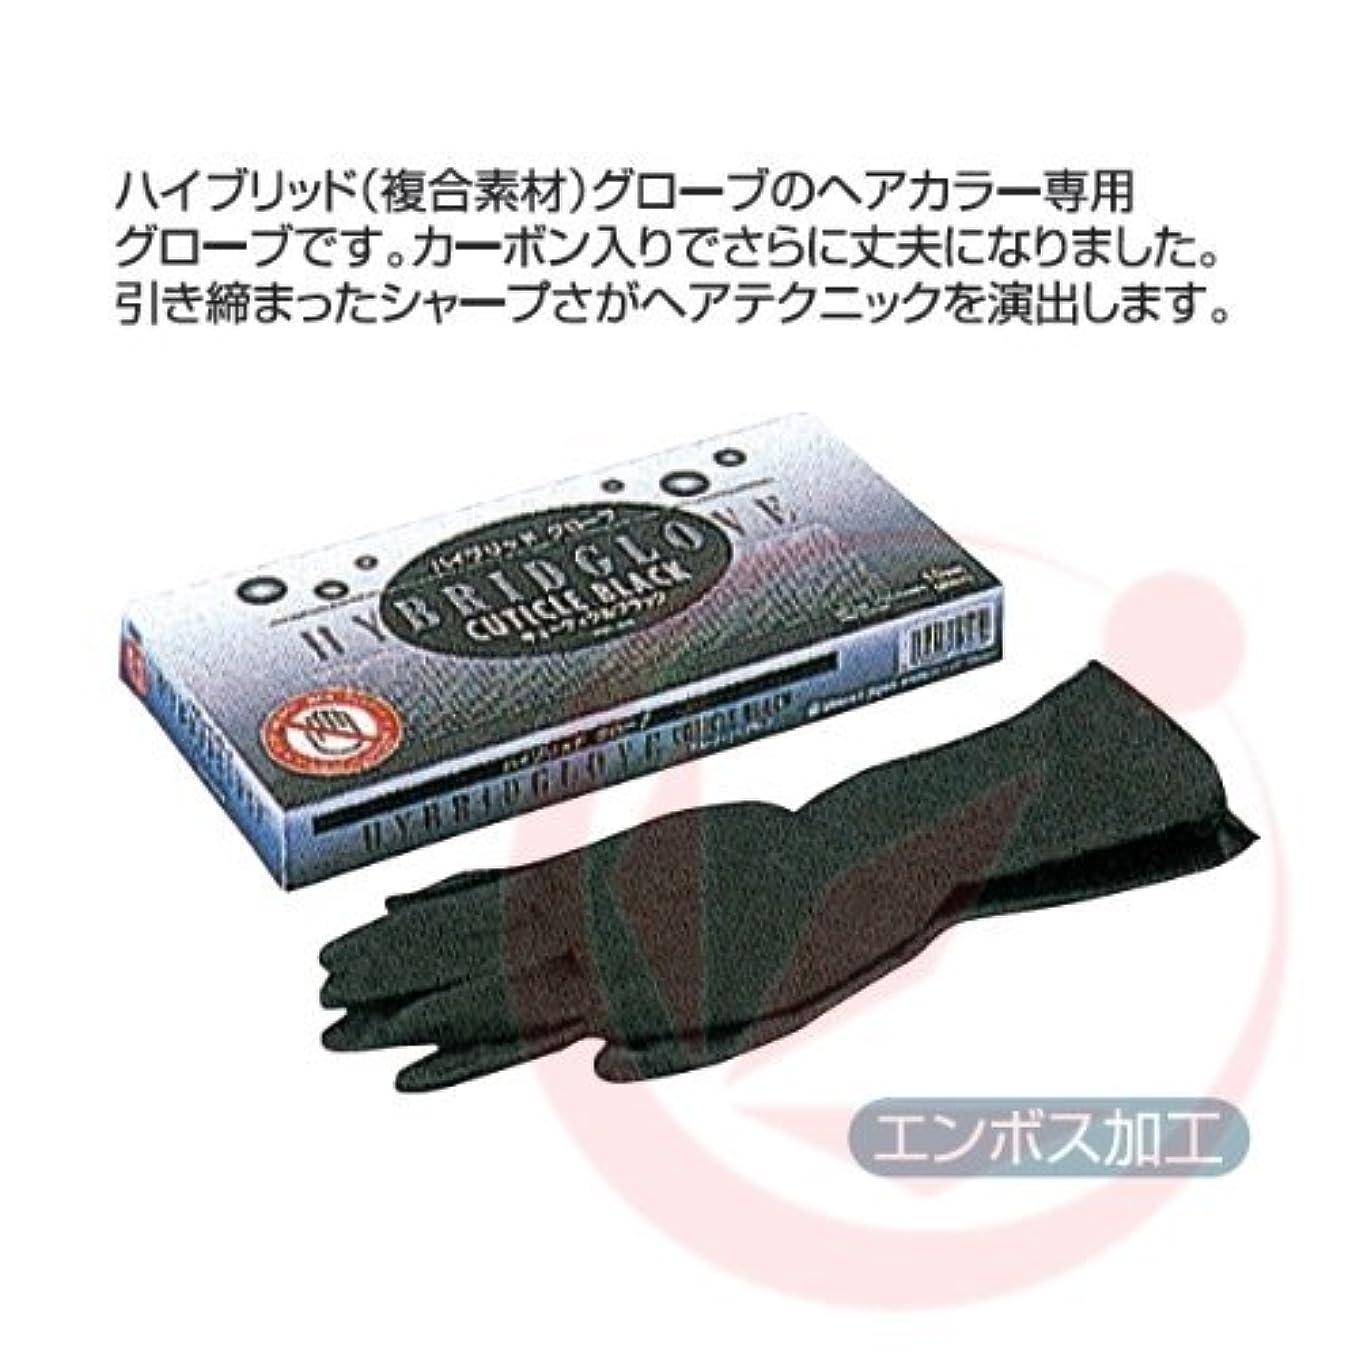 案件カイウスプライバシーハイブリッドグローブ キューティクルグラック SS 10set(20枚入) 6個セット